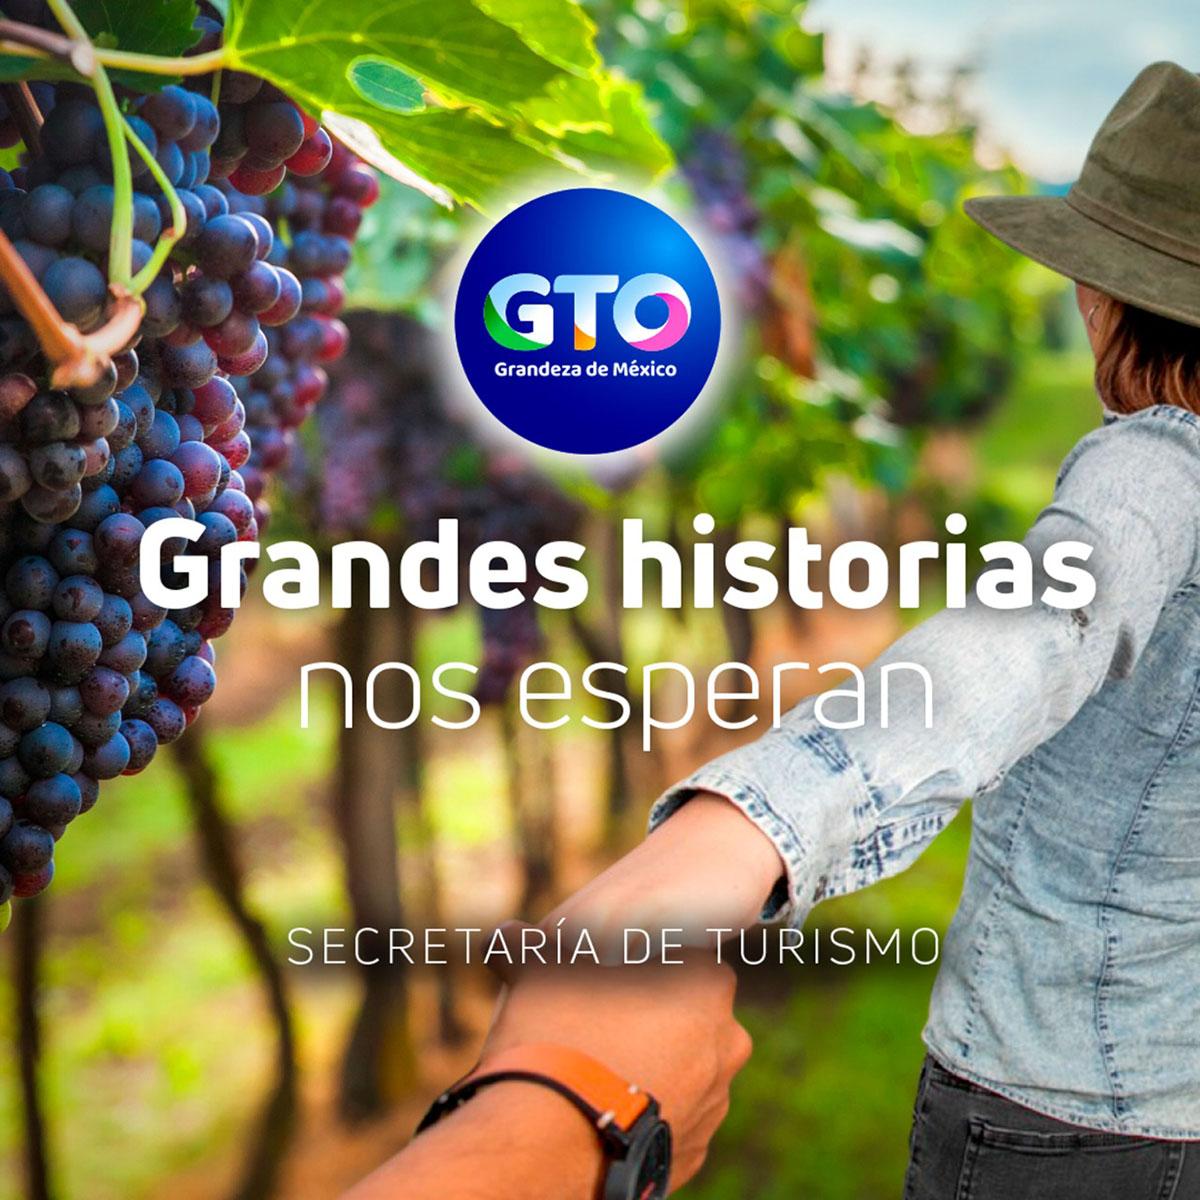 GUANAJUATO NUEVA CAMPAÑA GRANDES HISTORIAS 02